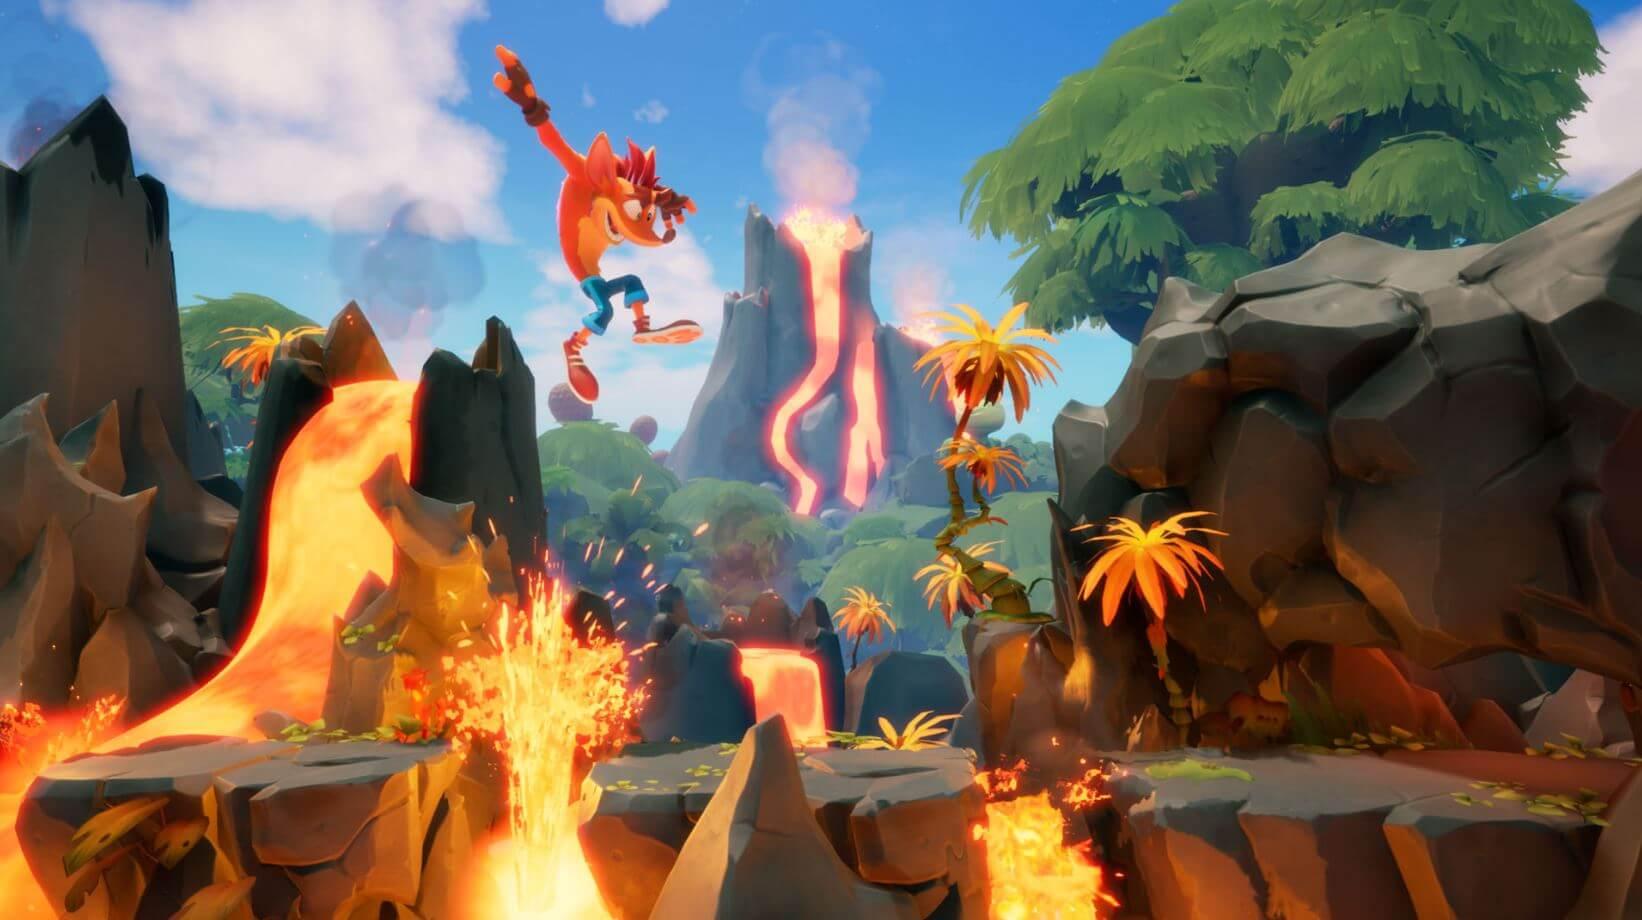 Crash bandicoot 4 gizli final oyun